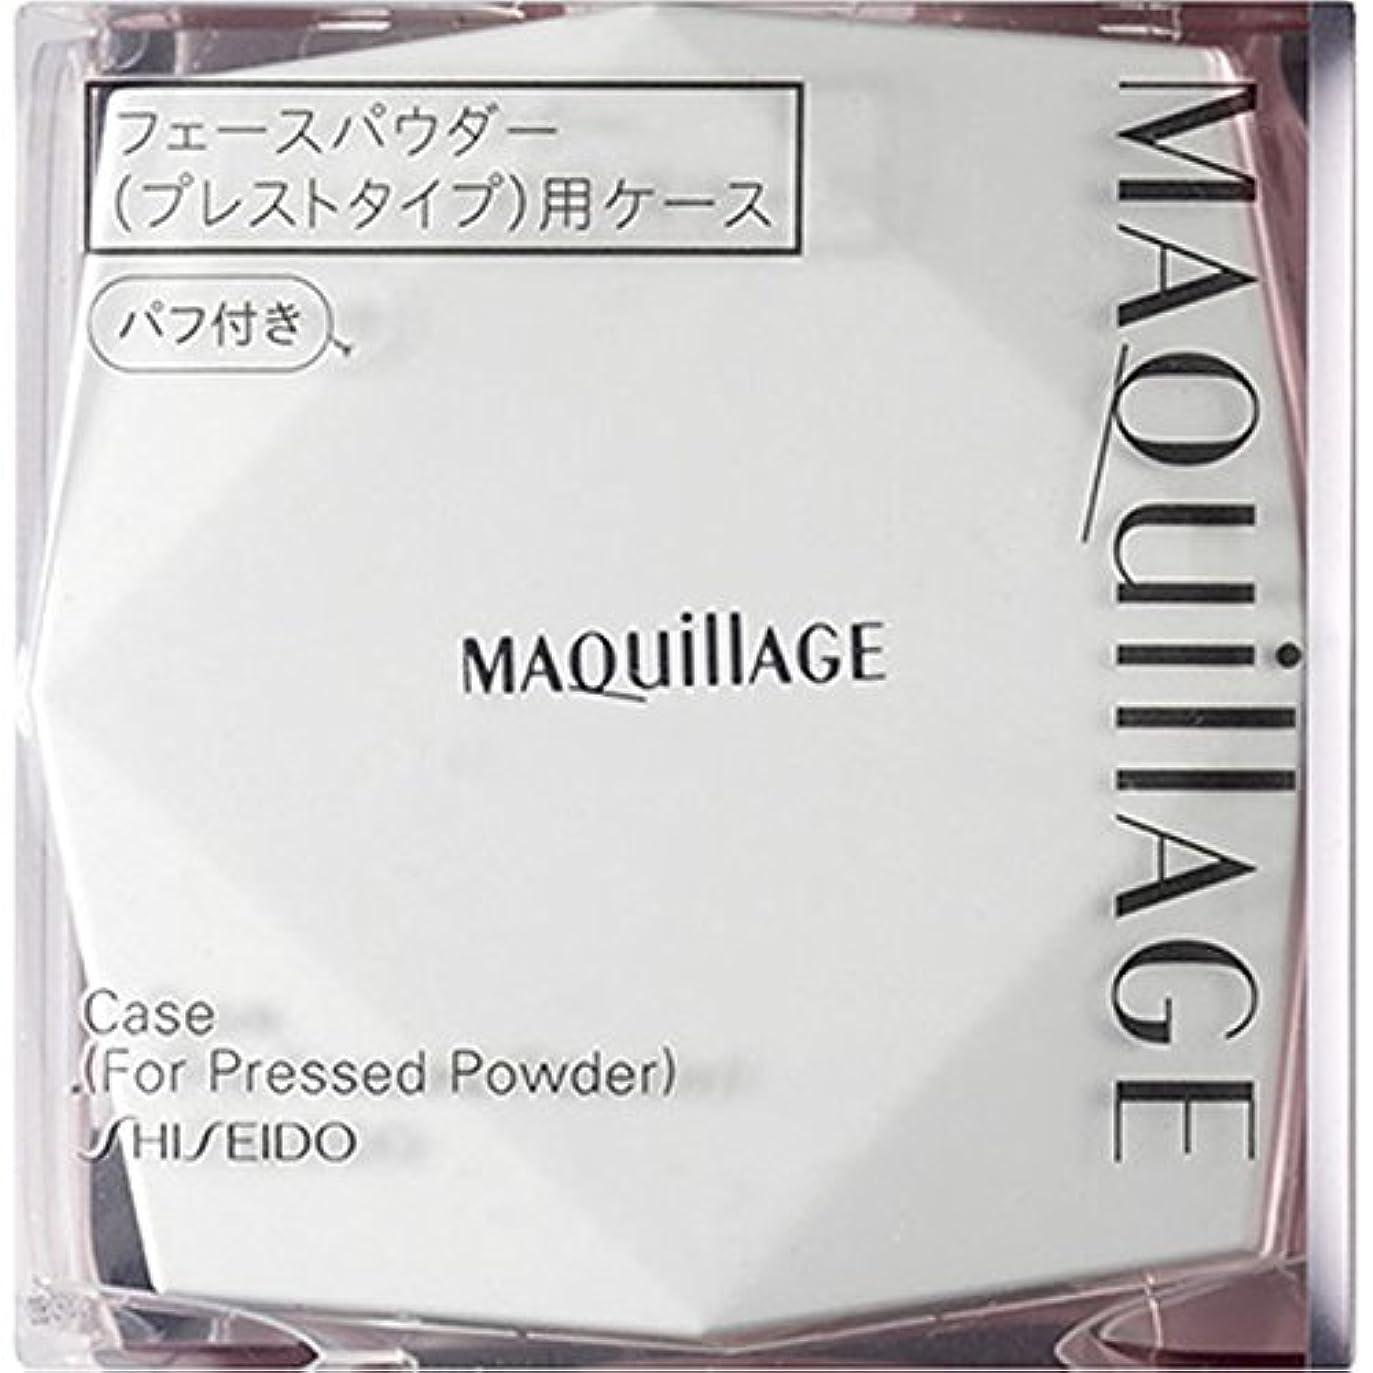 セットアップ特異性全能資生堂 マキアージュ MAQuillAGE プレストパウダー用ケース